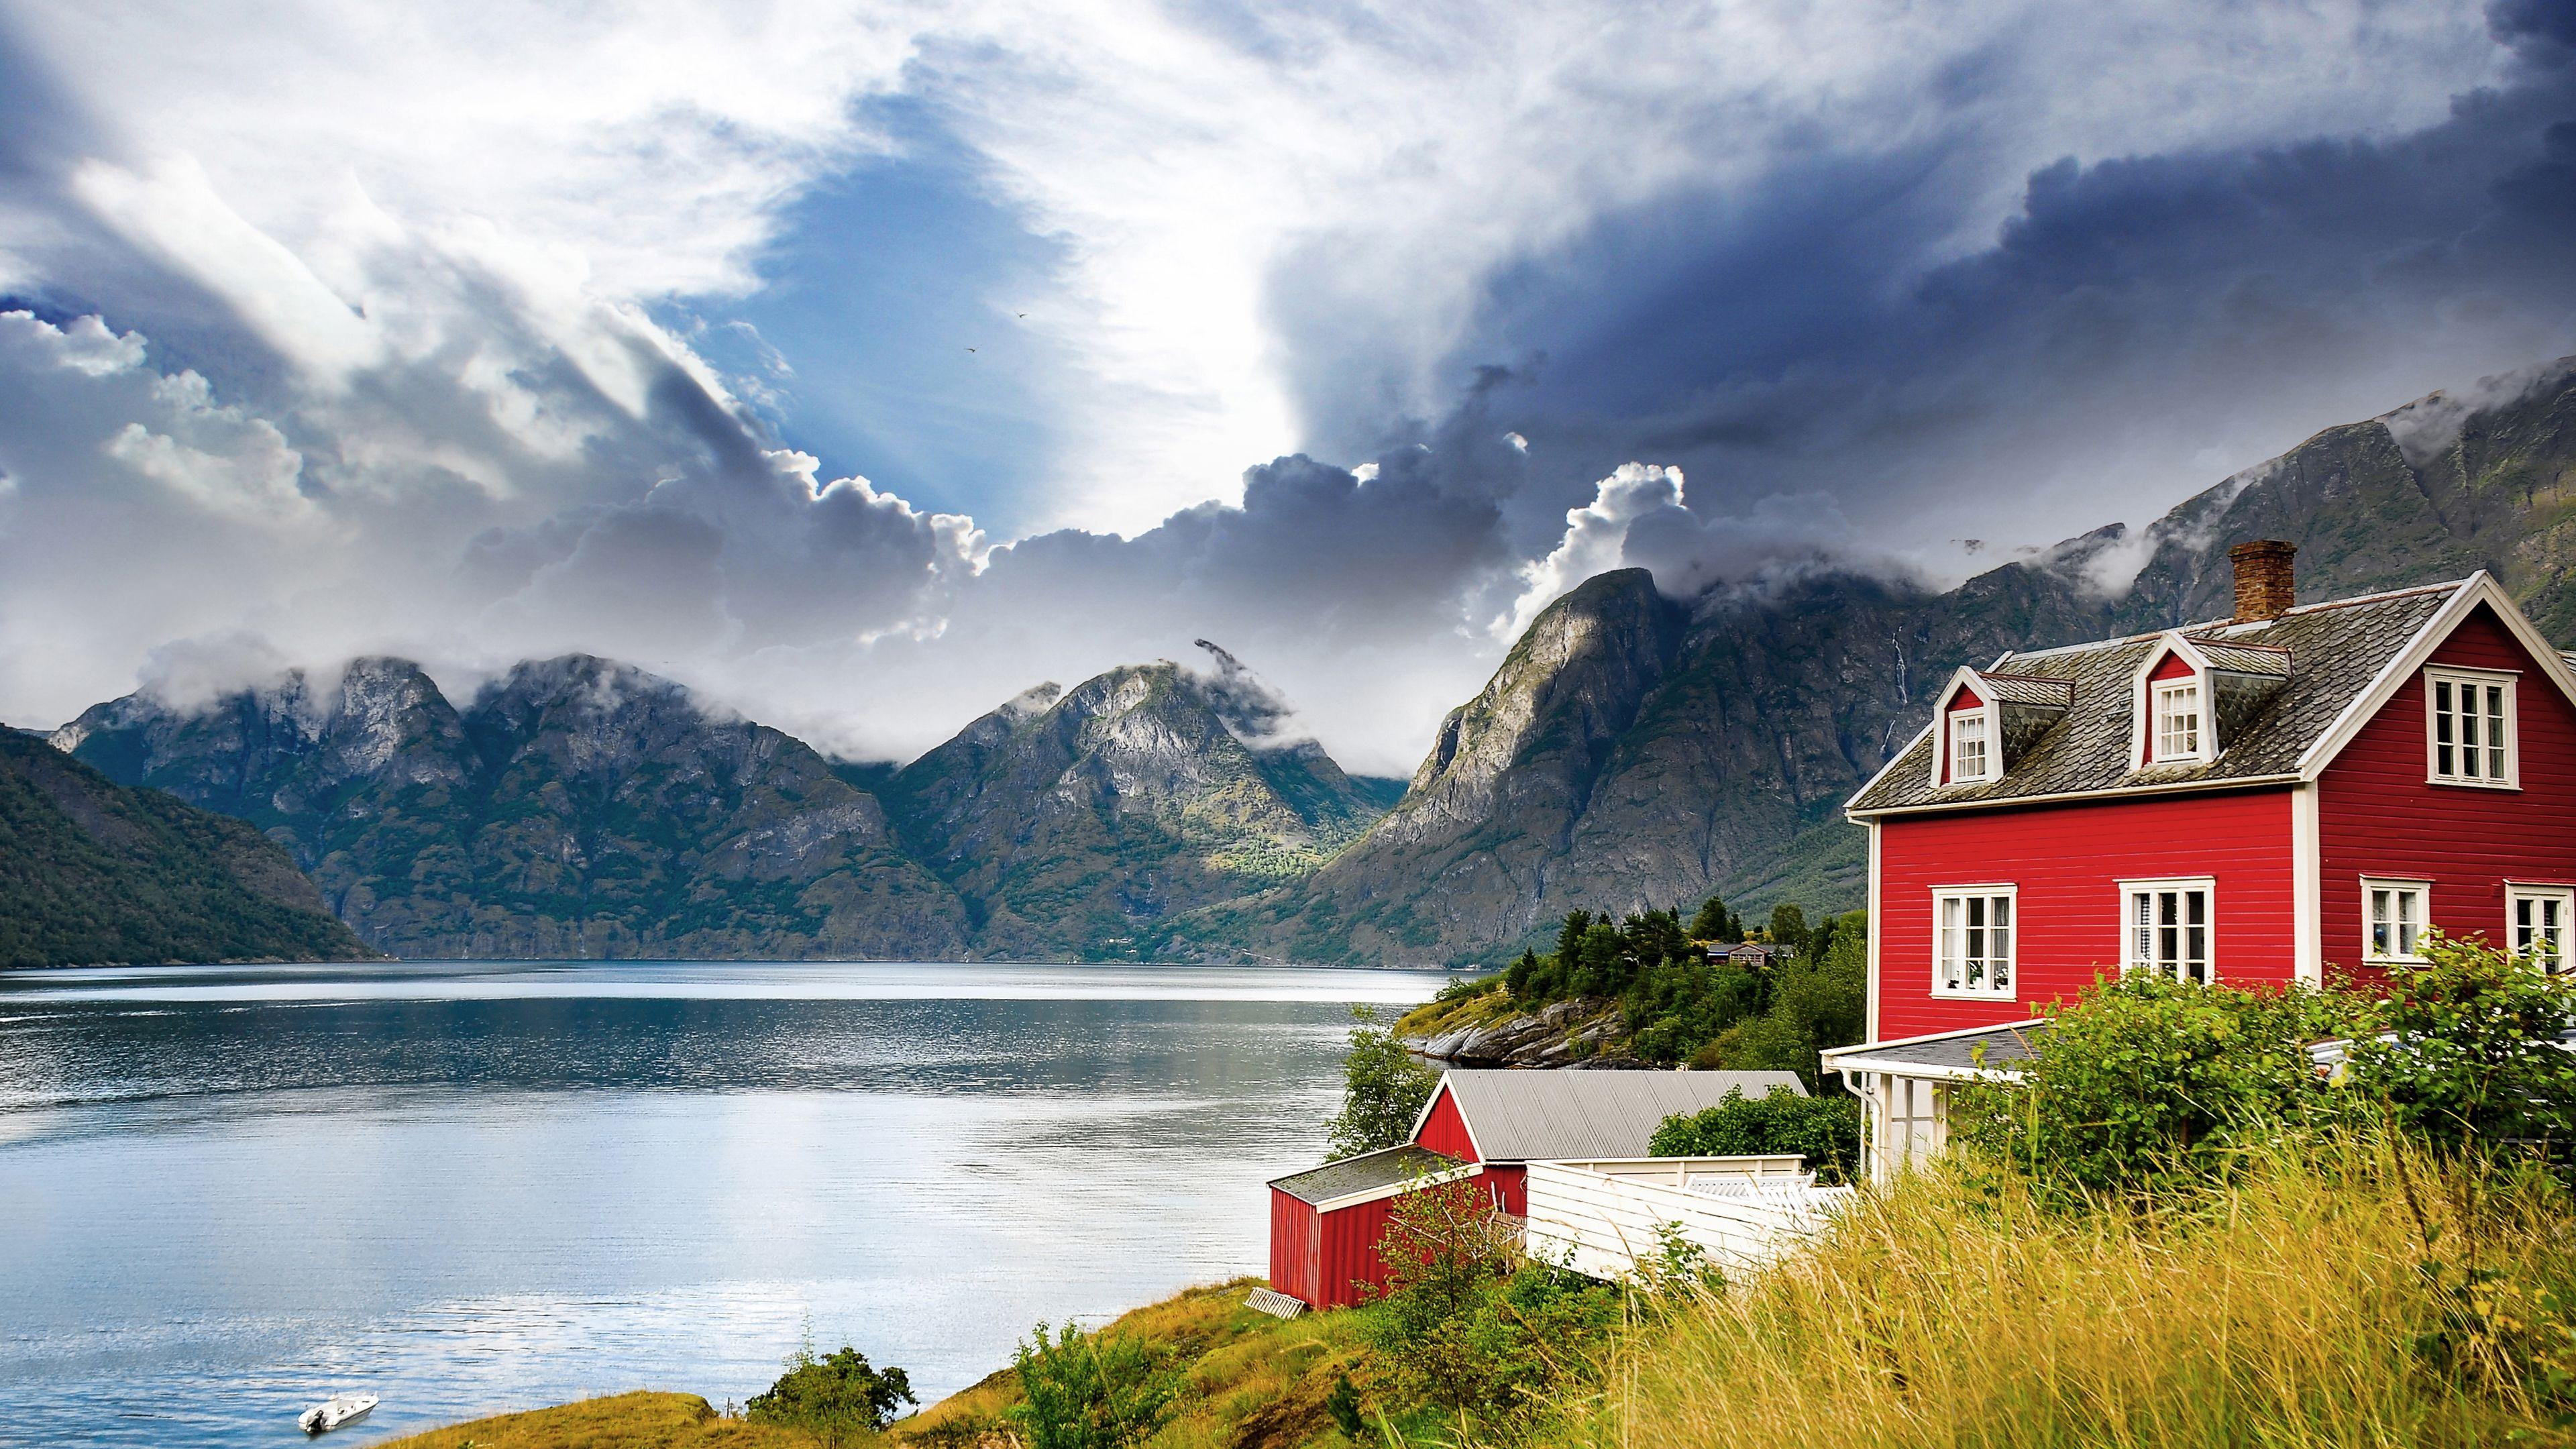 Norway Landscape Ultra Hd 4k Wallpaper 3840x2160 Hd Wallpapers Ultra Hd Wallpapers Norway Landscape Landscape Wallpaper Beautiful Landscapes